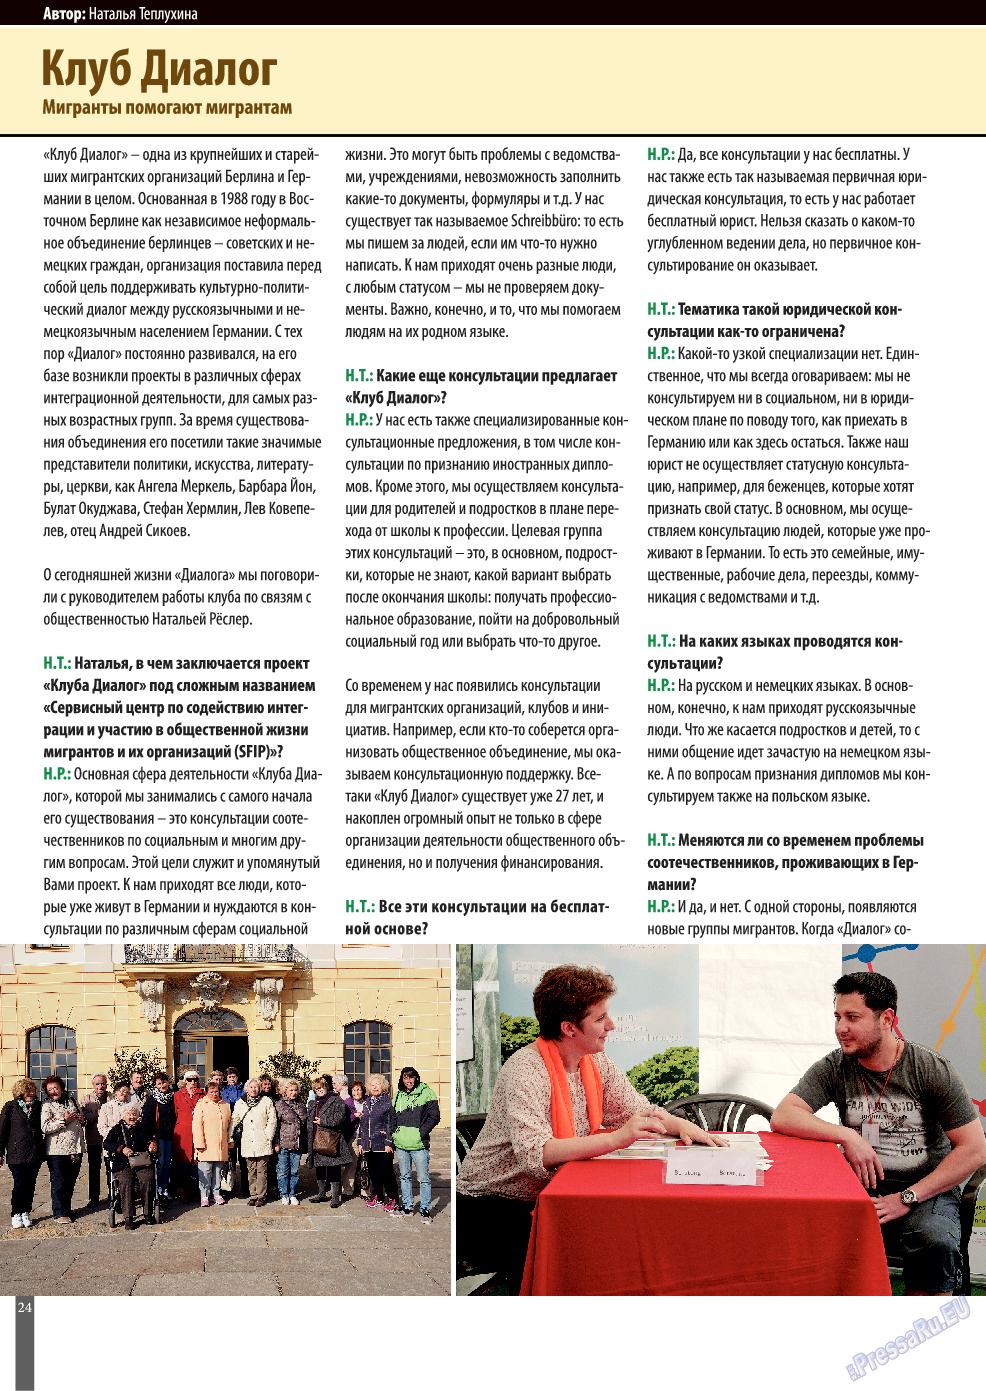 Берлинский телеграф (журнал). 2015 год, номер 11, стр. 24